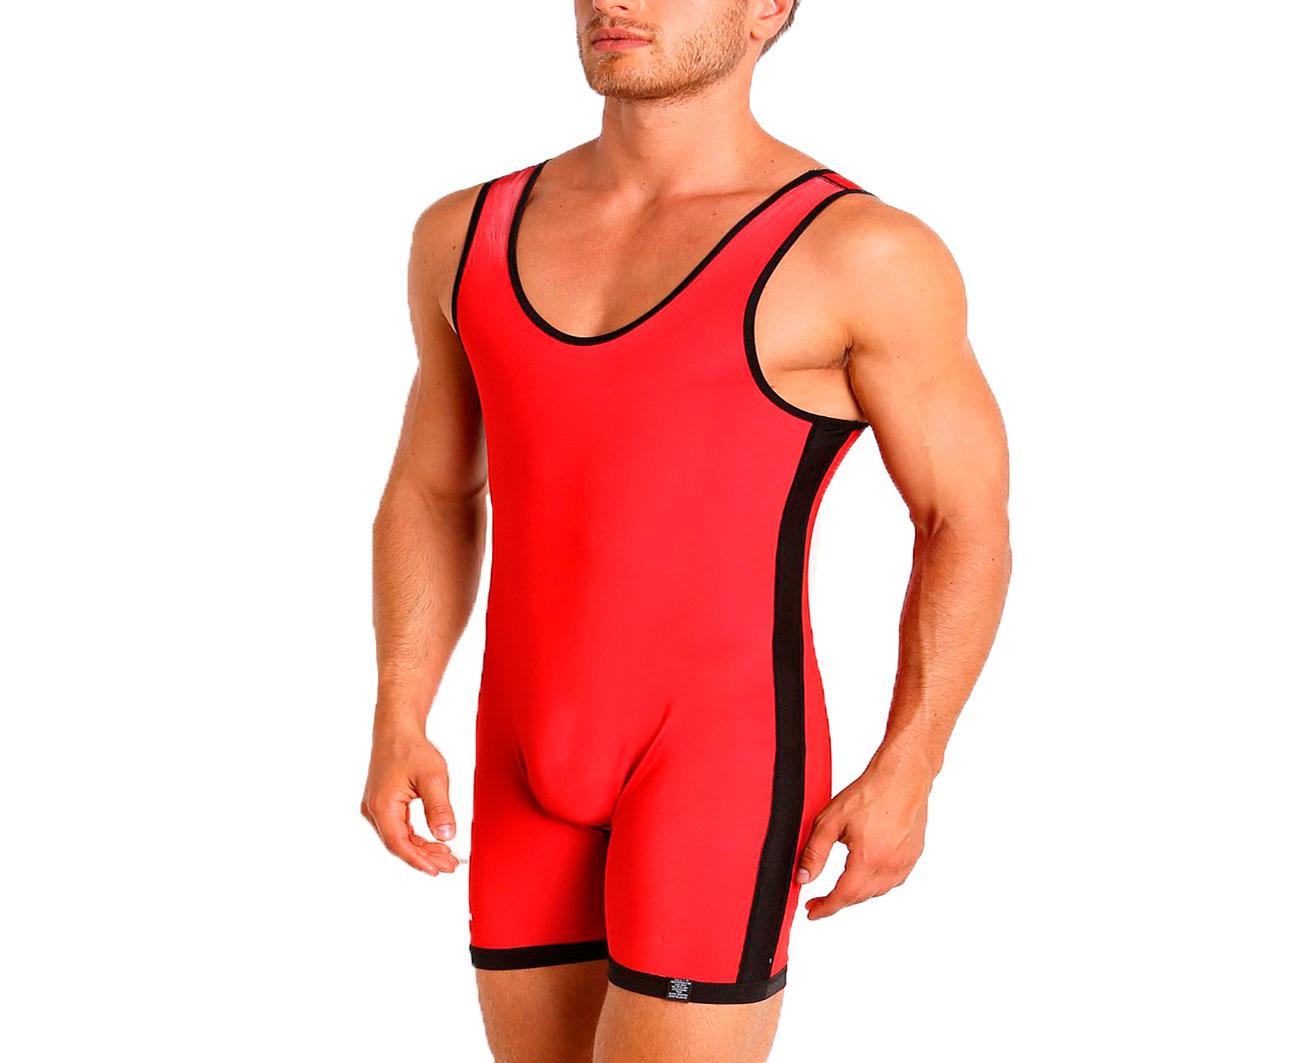 Трико борцовское Adidas двухстороннее Wrestling Reversible Singlet сине-красное L фото